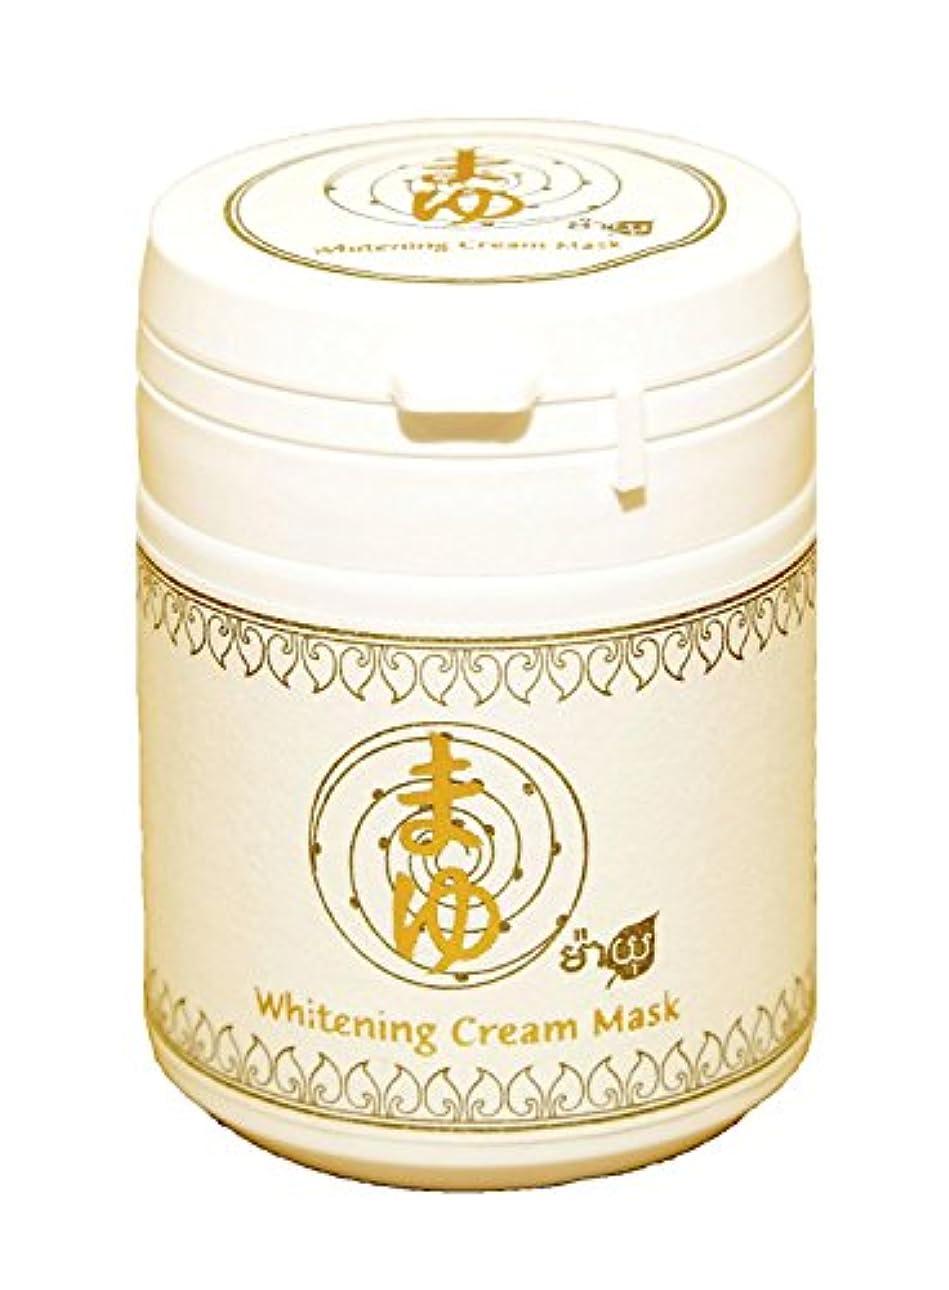 ソースする代名詞まゆwhitening Cream Mask